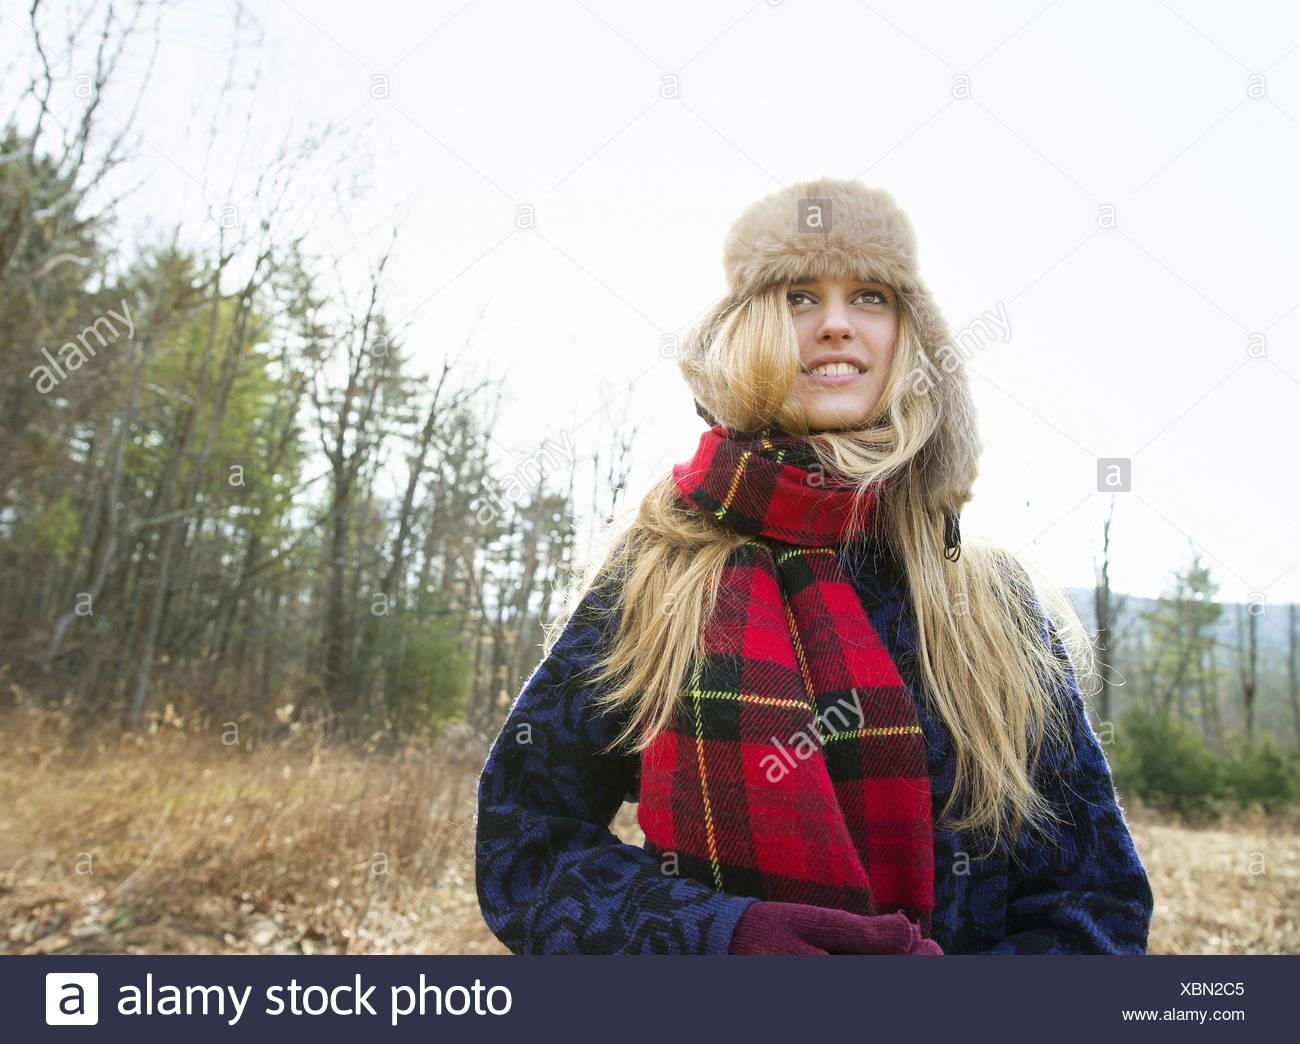 Eine Frau in einem pelzigen Mütze und eine große rote Tartan-Schal im Freien im winter Stockbild